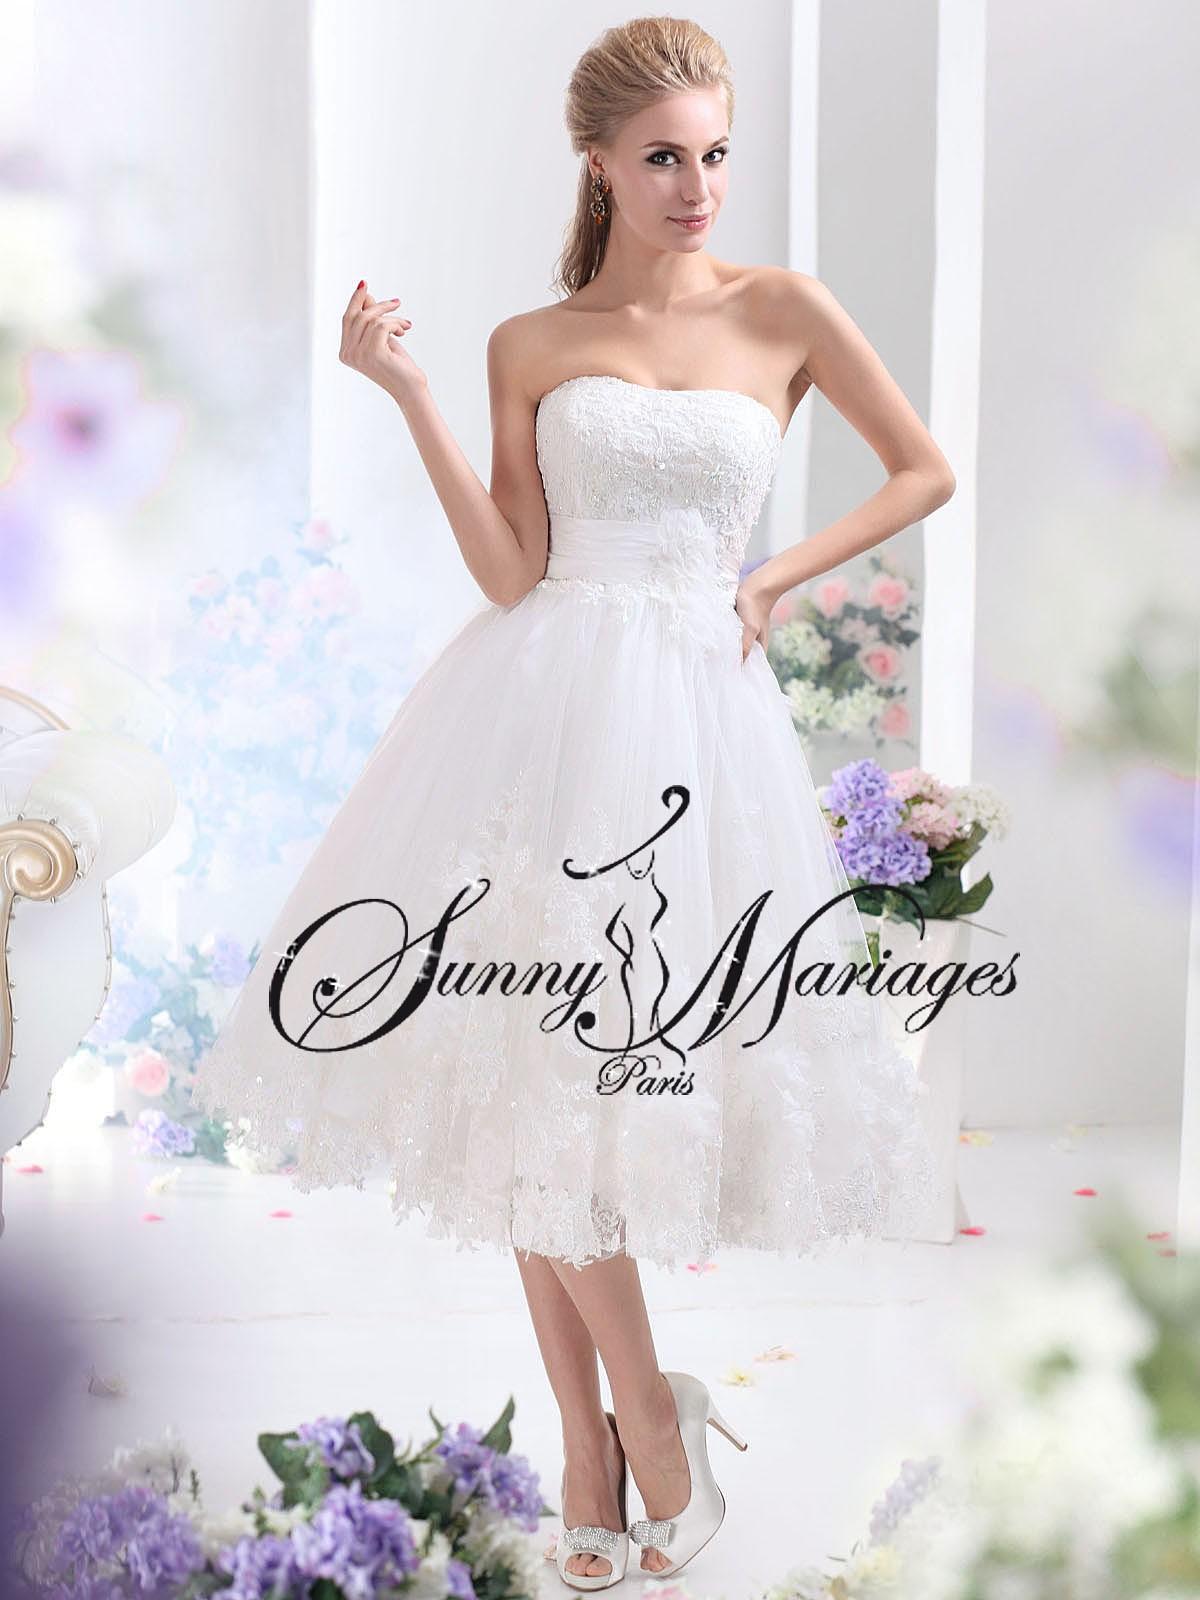 robe de mariee courte tulle et dentelle bustier originale vente en ligne pas cher sunny mariage. Black Bedroom Furniture Sets. Home Design Ideas